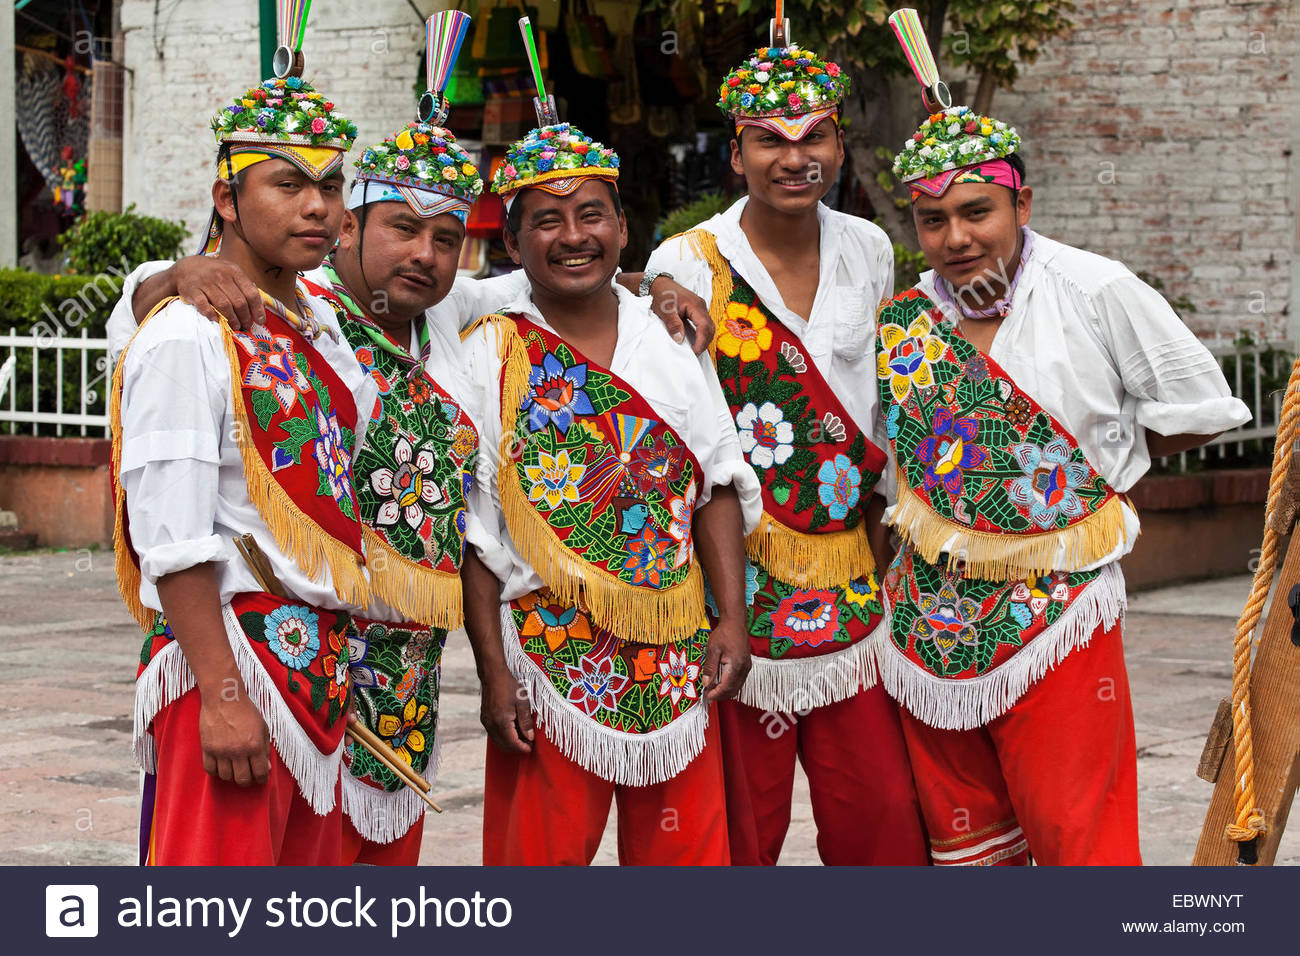 Voladores, flying dancers, Xochimilco, Mexico, District Fédéral, Mexique Photo Stock